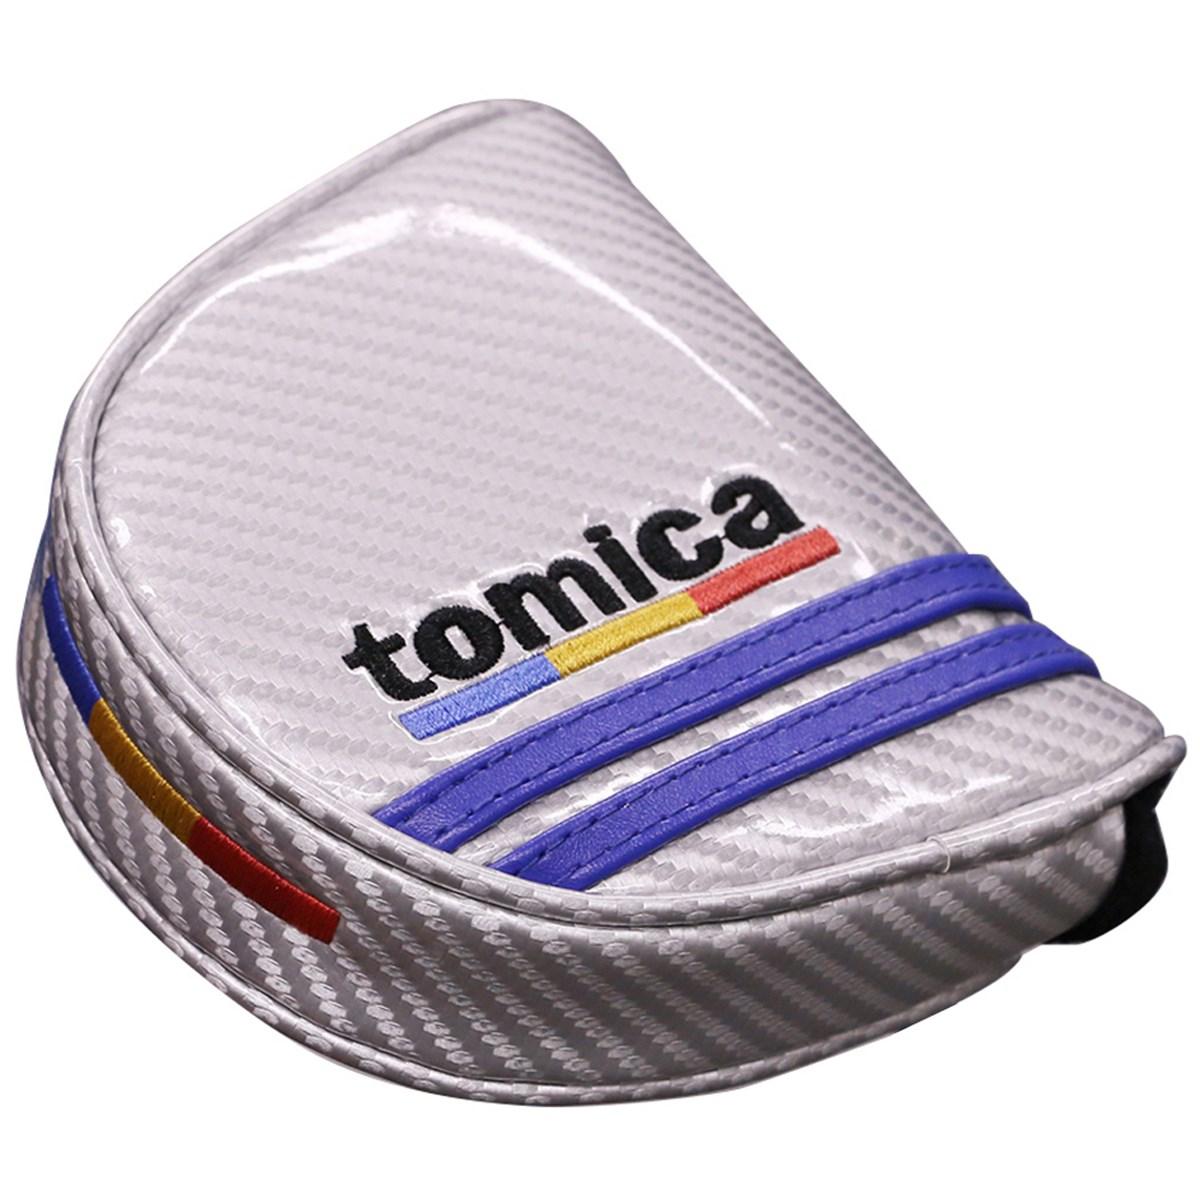 [2018年モデル] ダイヤゴルフ DAIYA GOLF tomica パターカバー シルバー メンズ